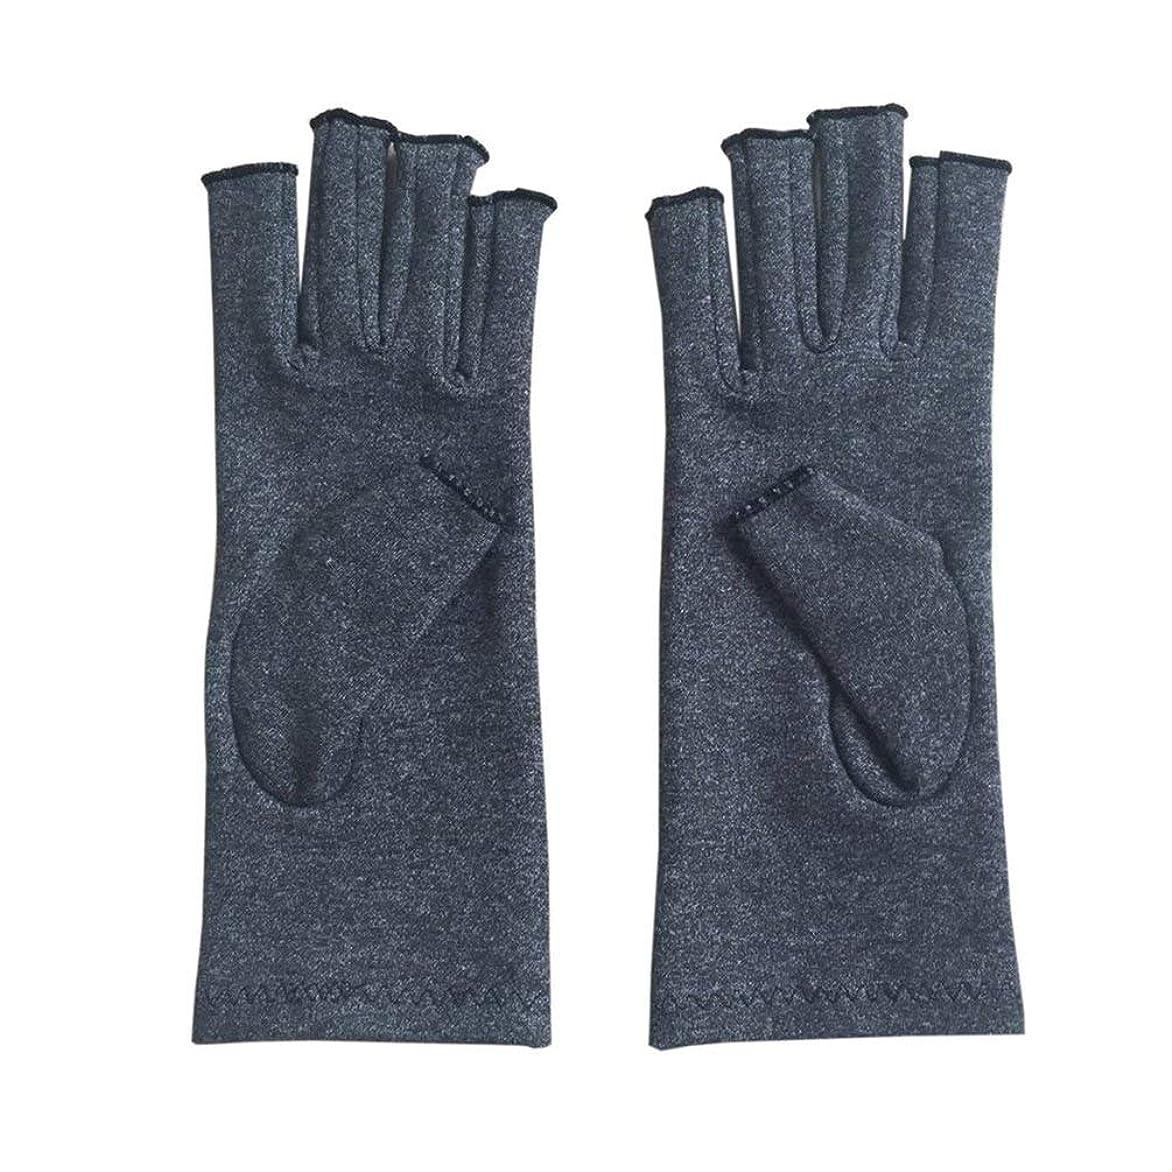 散髪カメラさようならペア/セットの快適な男性の女性療法の圧縮手袋無地の通気性関節炎の関節の痛みを軽減する手袋 - グレーS